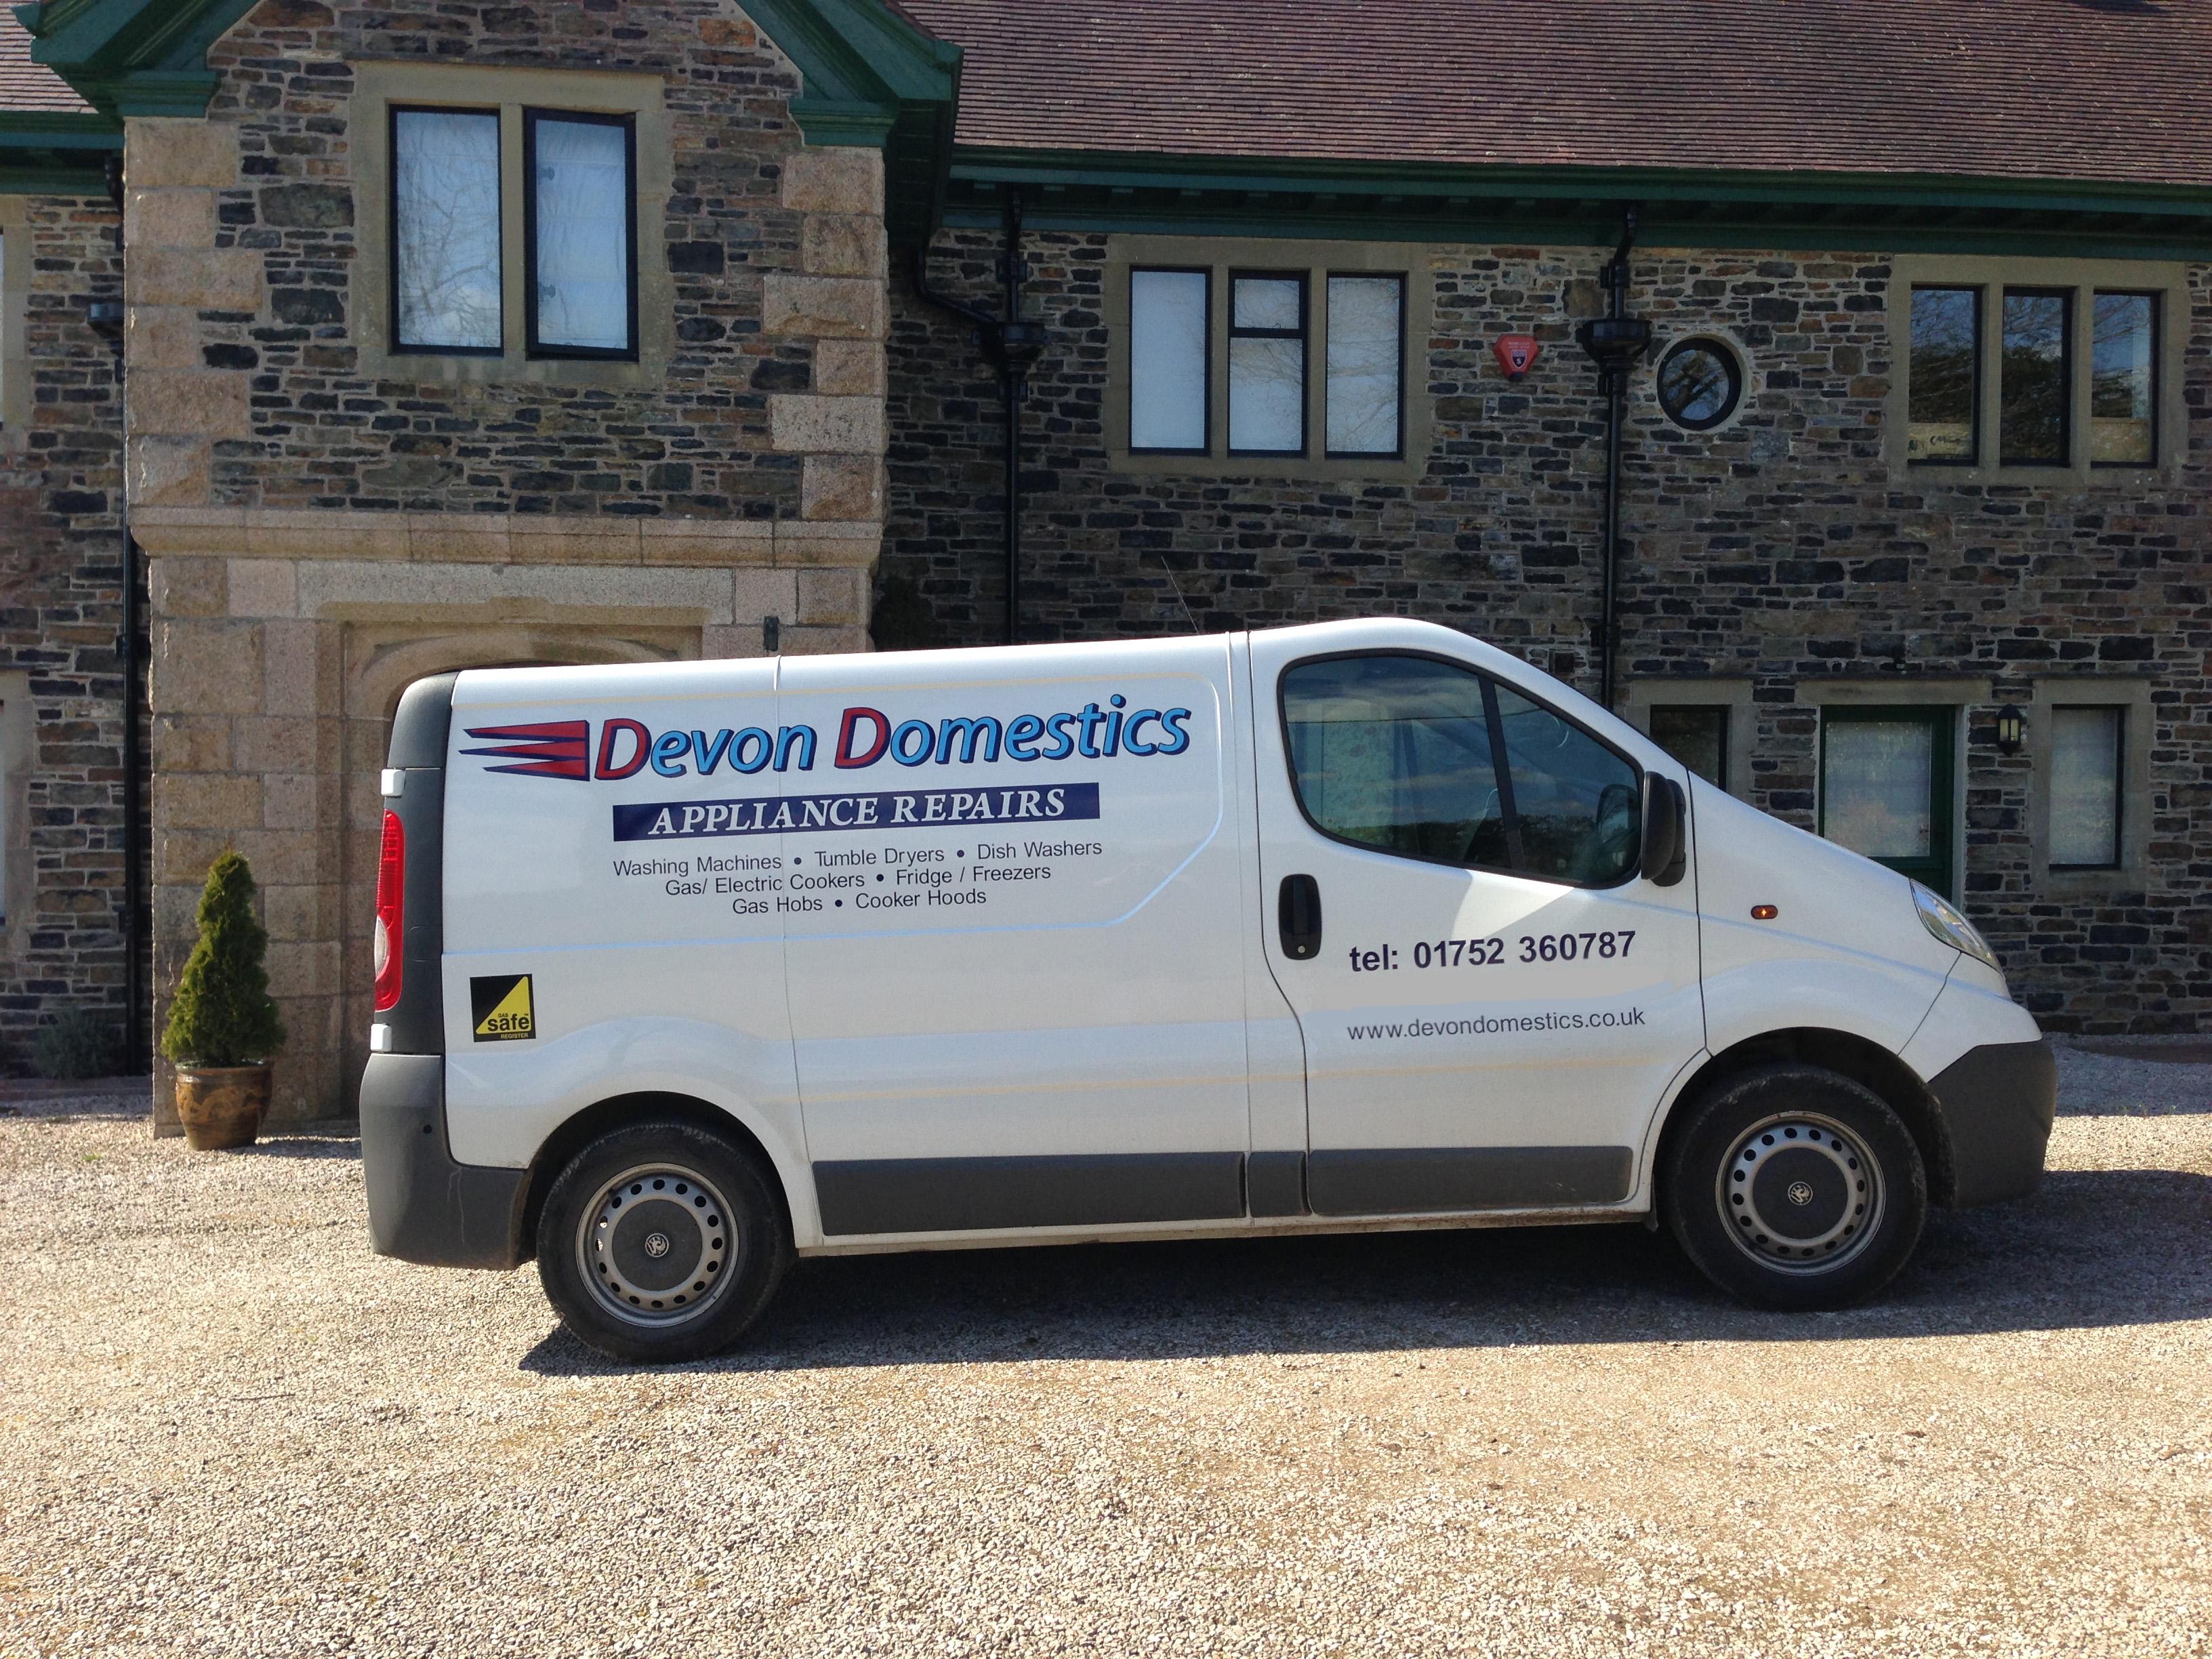 Devon Domestics LTD